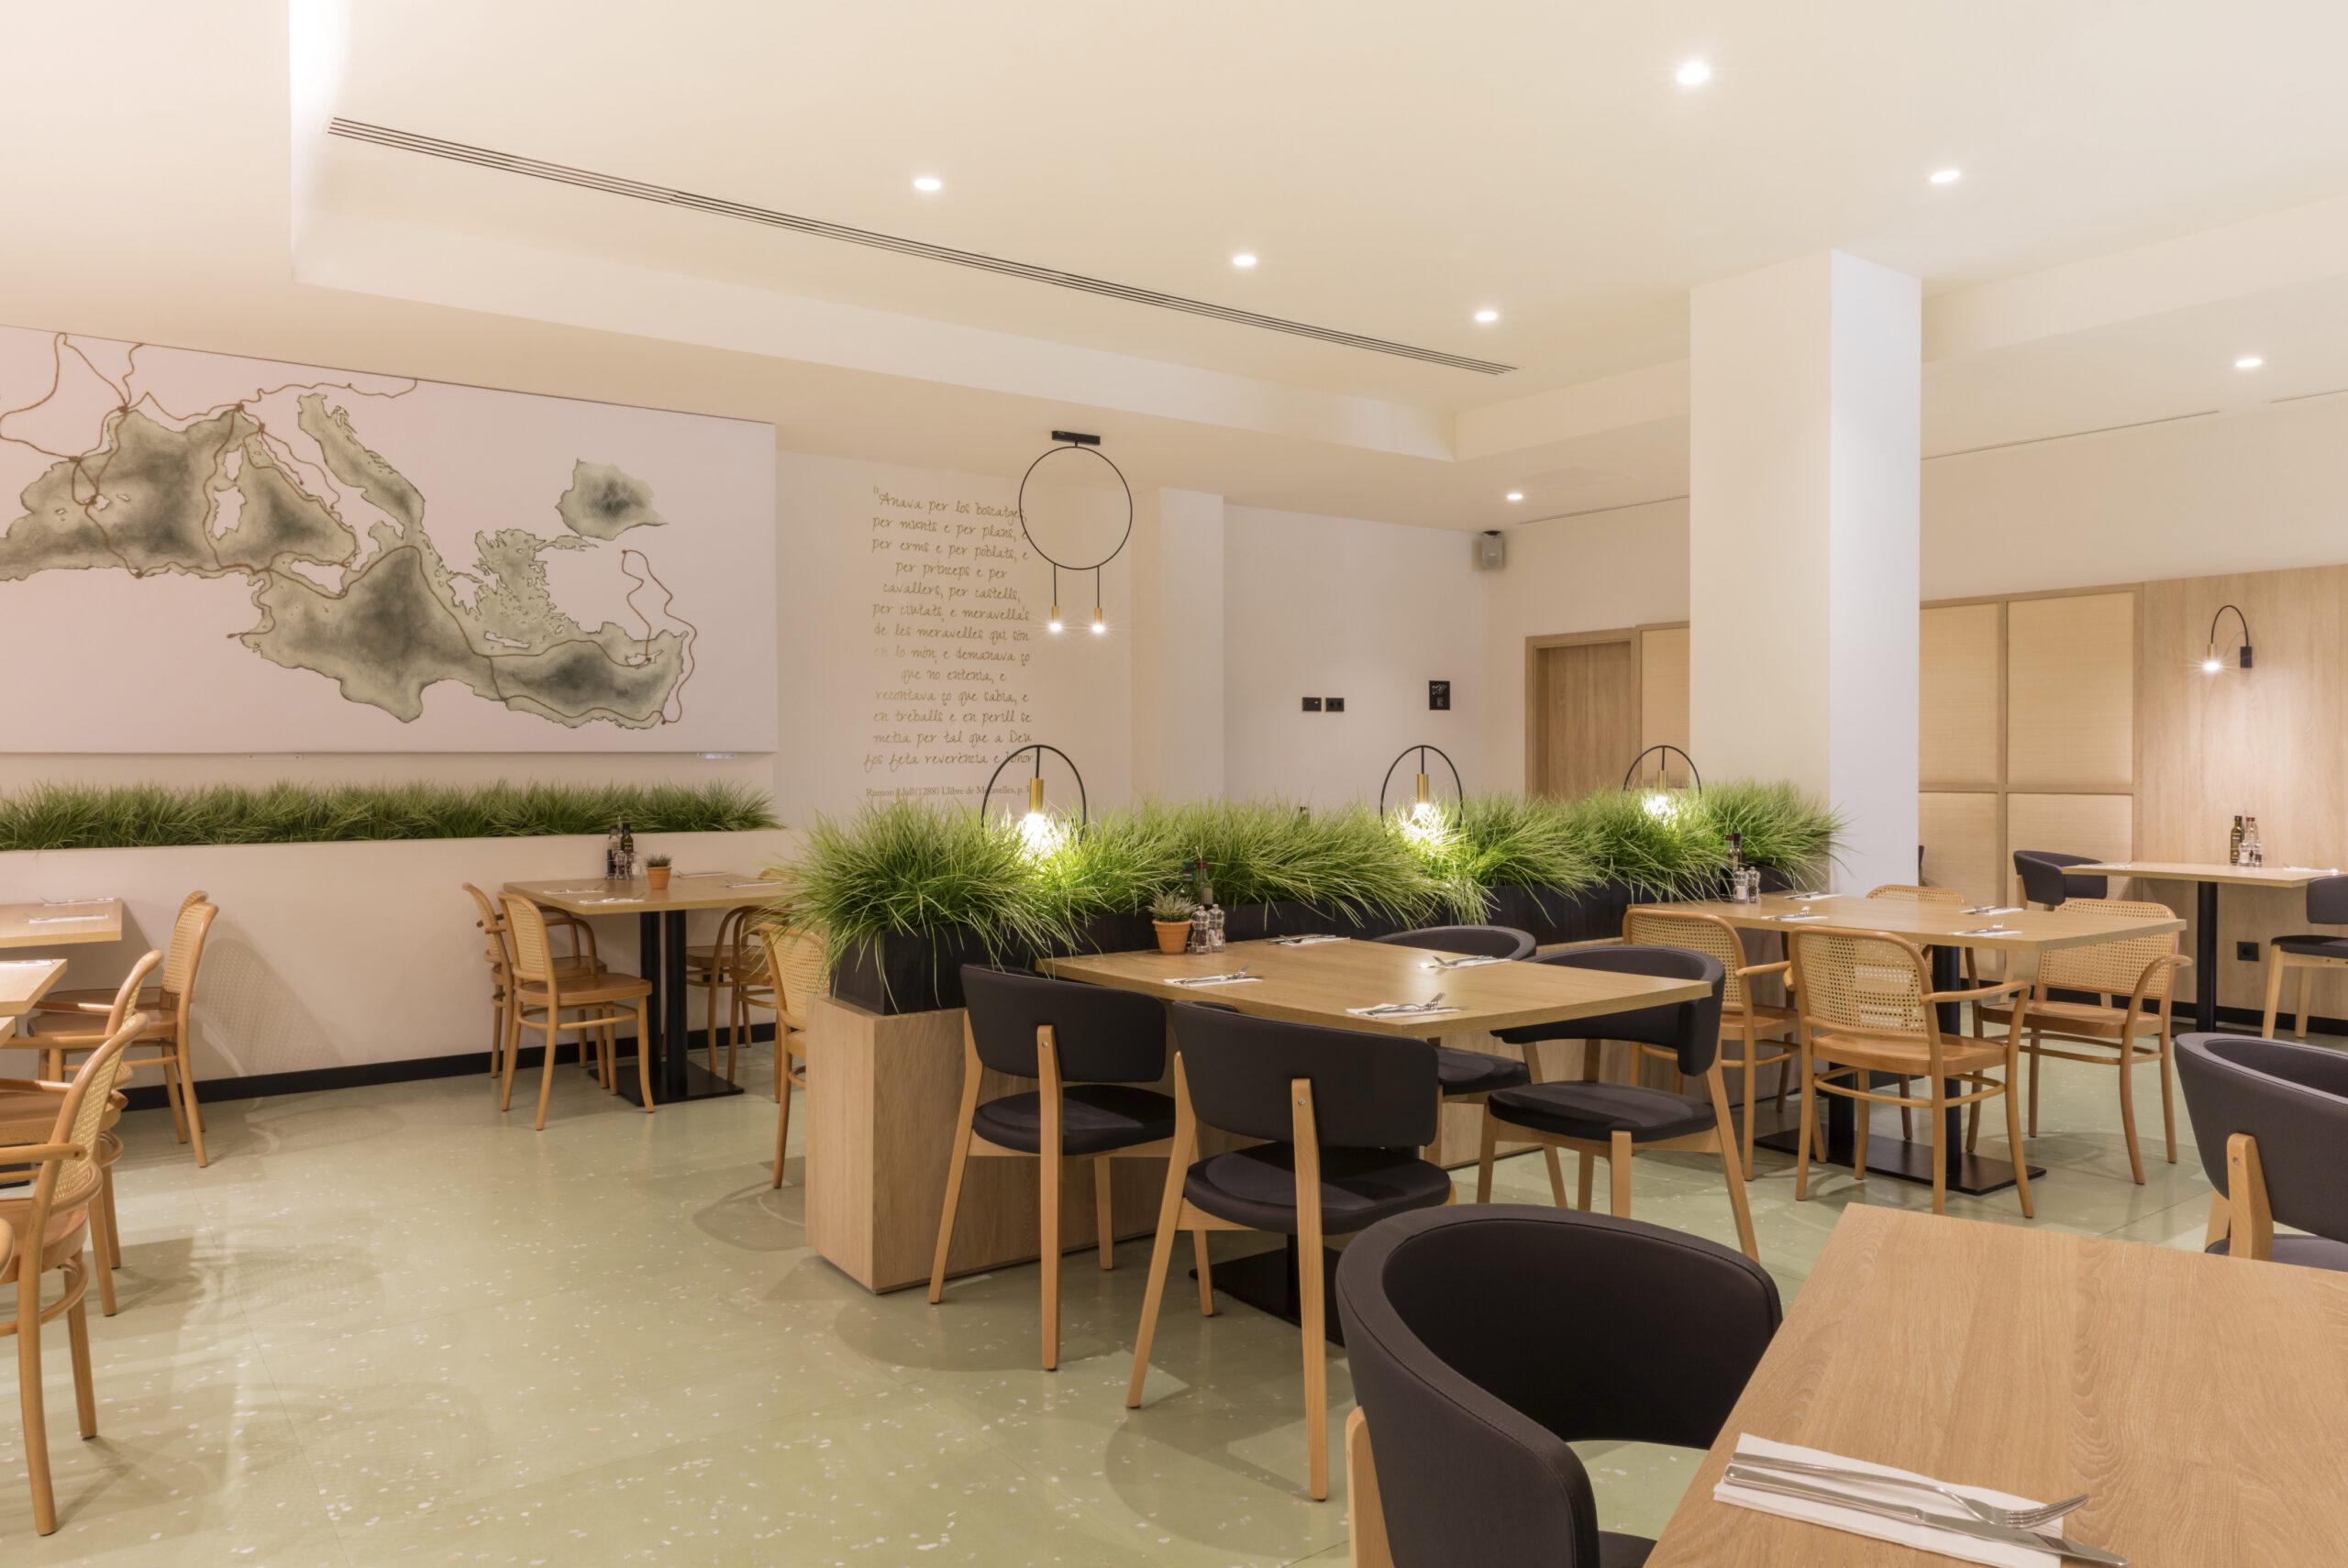 Ars Magna Bleisure Hotel - Restaurant